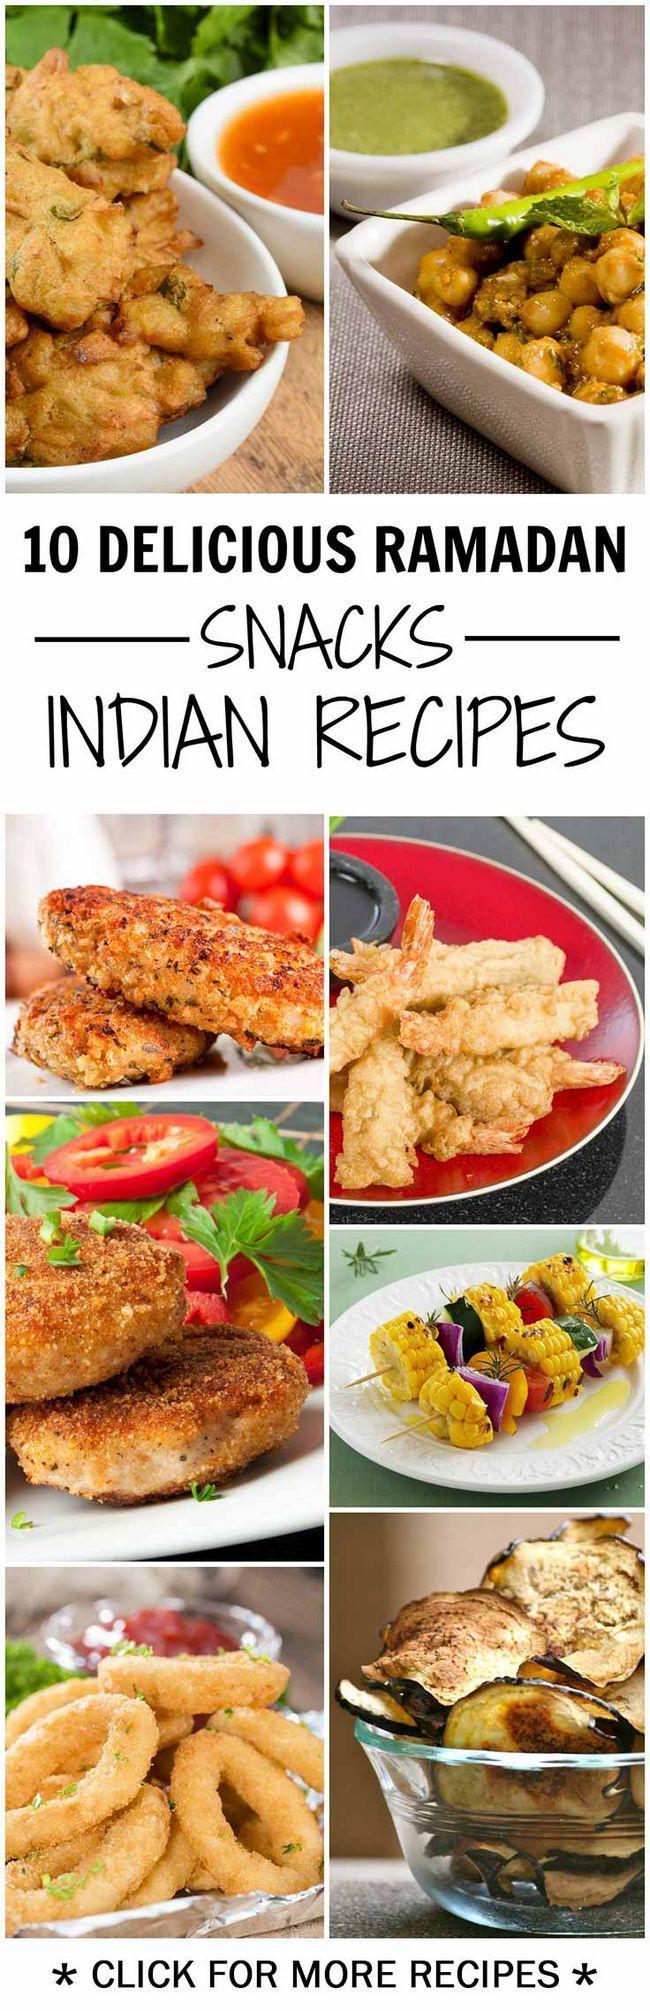 10 Délicieux snacks ramadan recettes indiennes vous devez